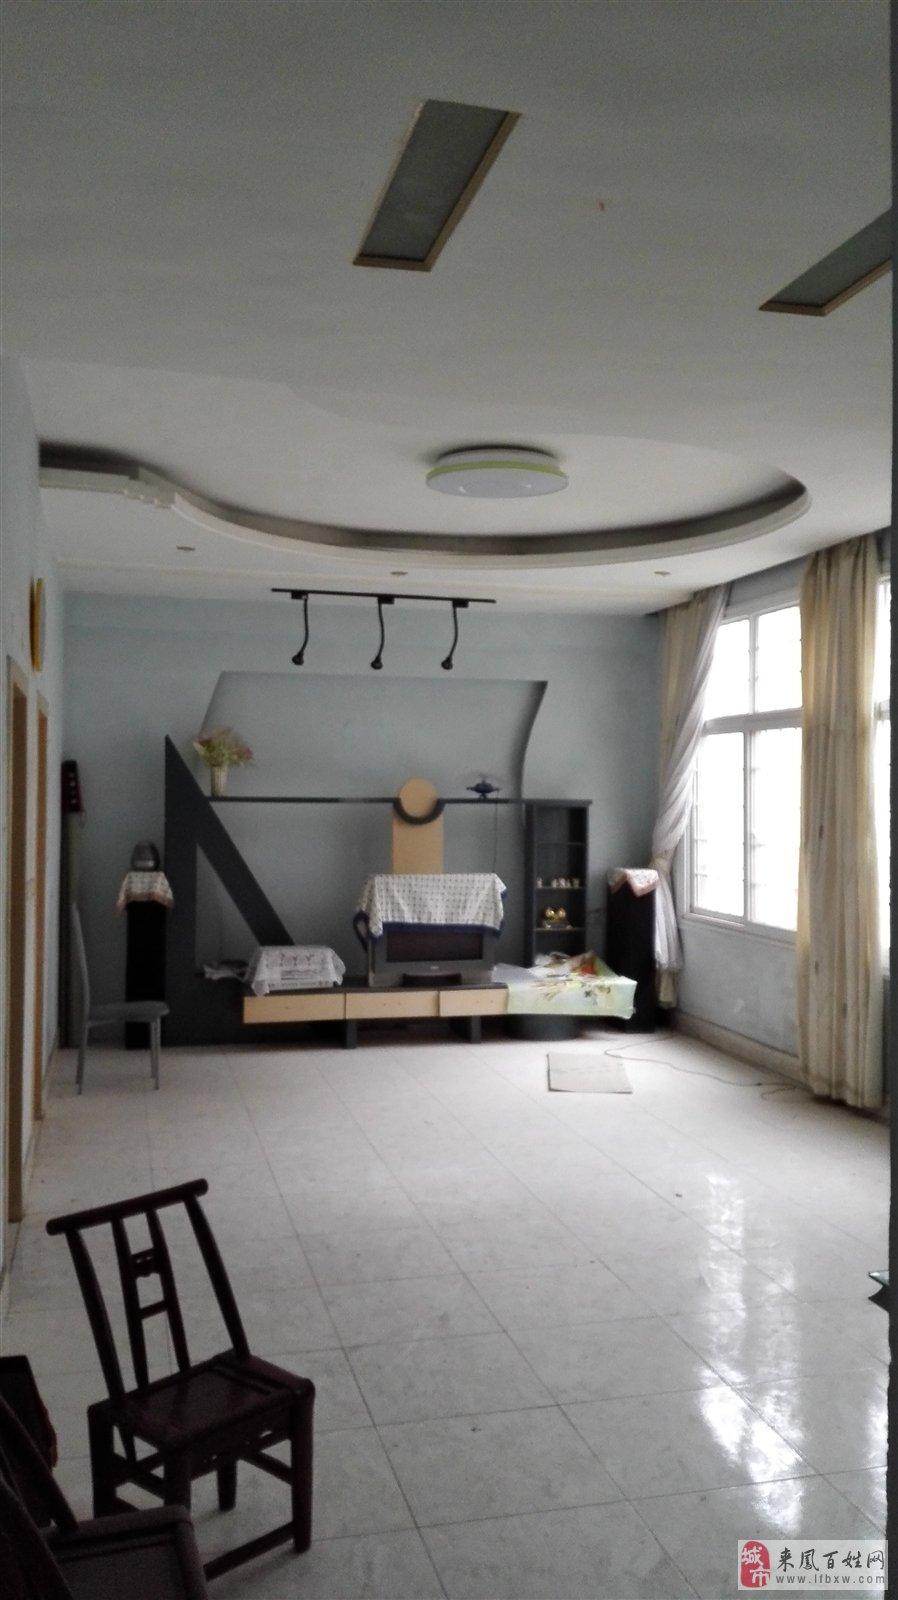 盛世广场小区3室2厅1卫45万元-来凤百姓网